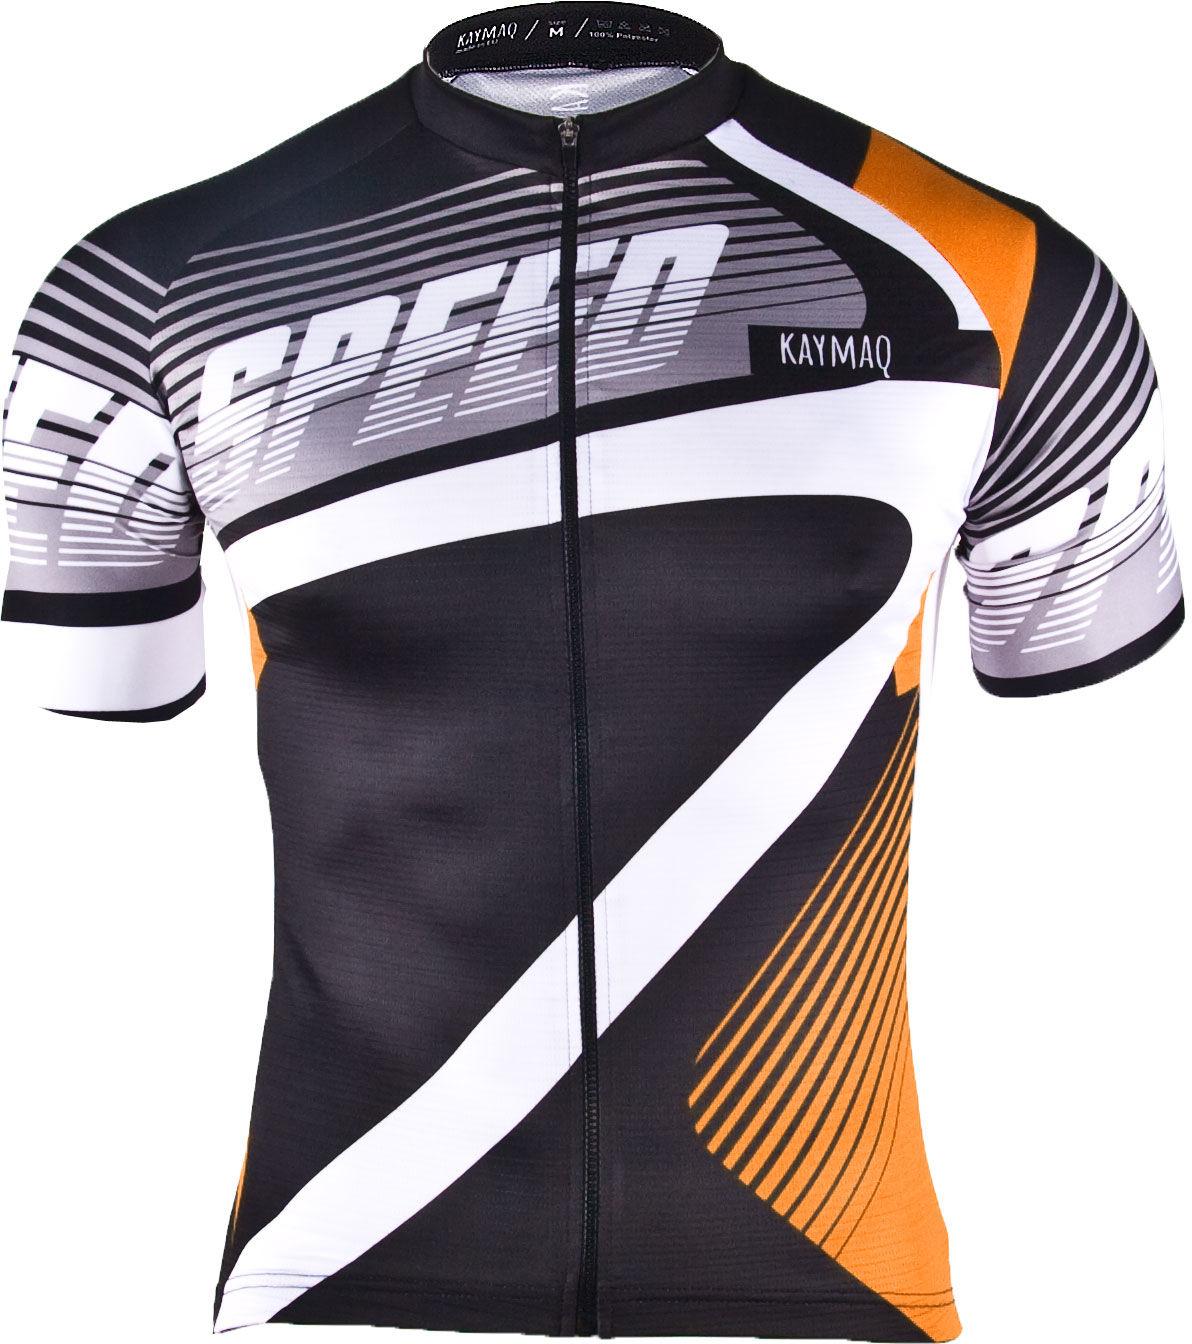 KAYMAQ M27 SPEED męska koszulka rowerowa z krótkim rękawem czarny-pomarańcz Rozmiar: L,m27speedpomarancz